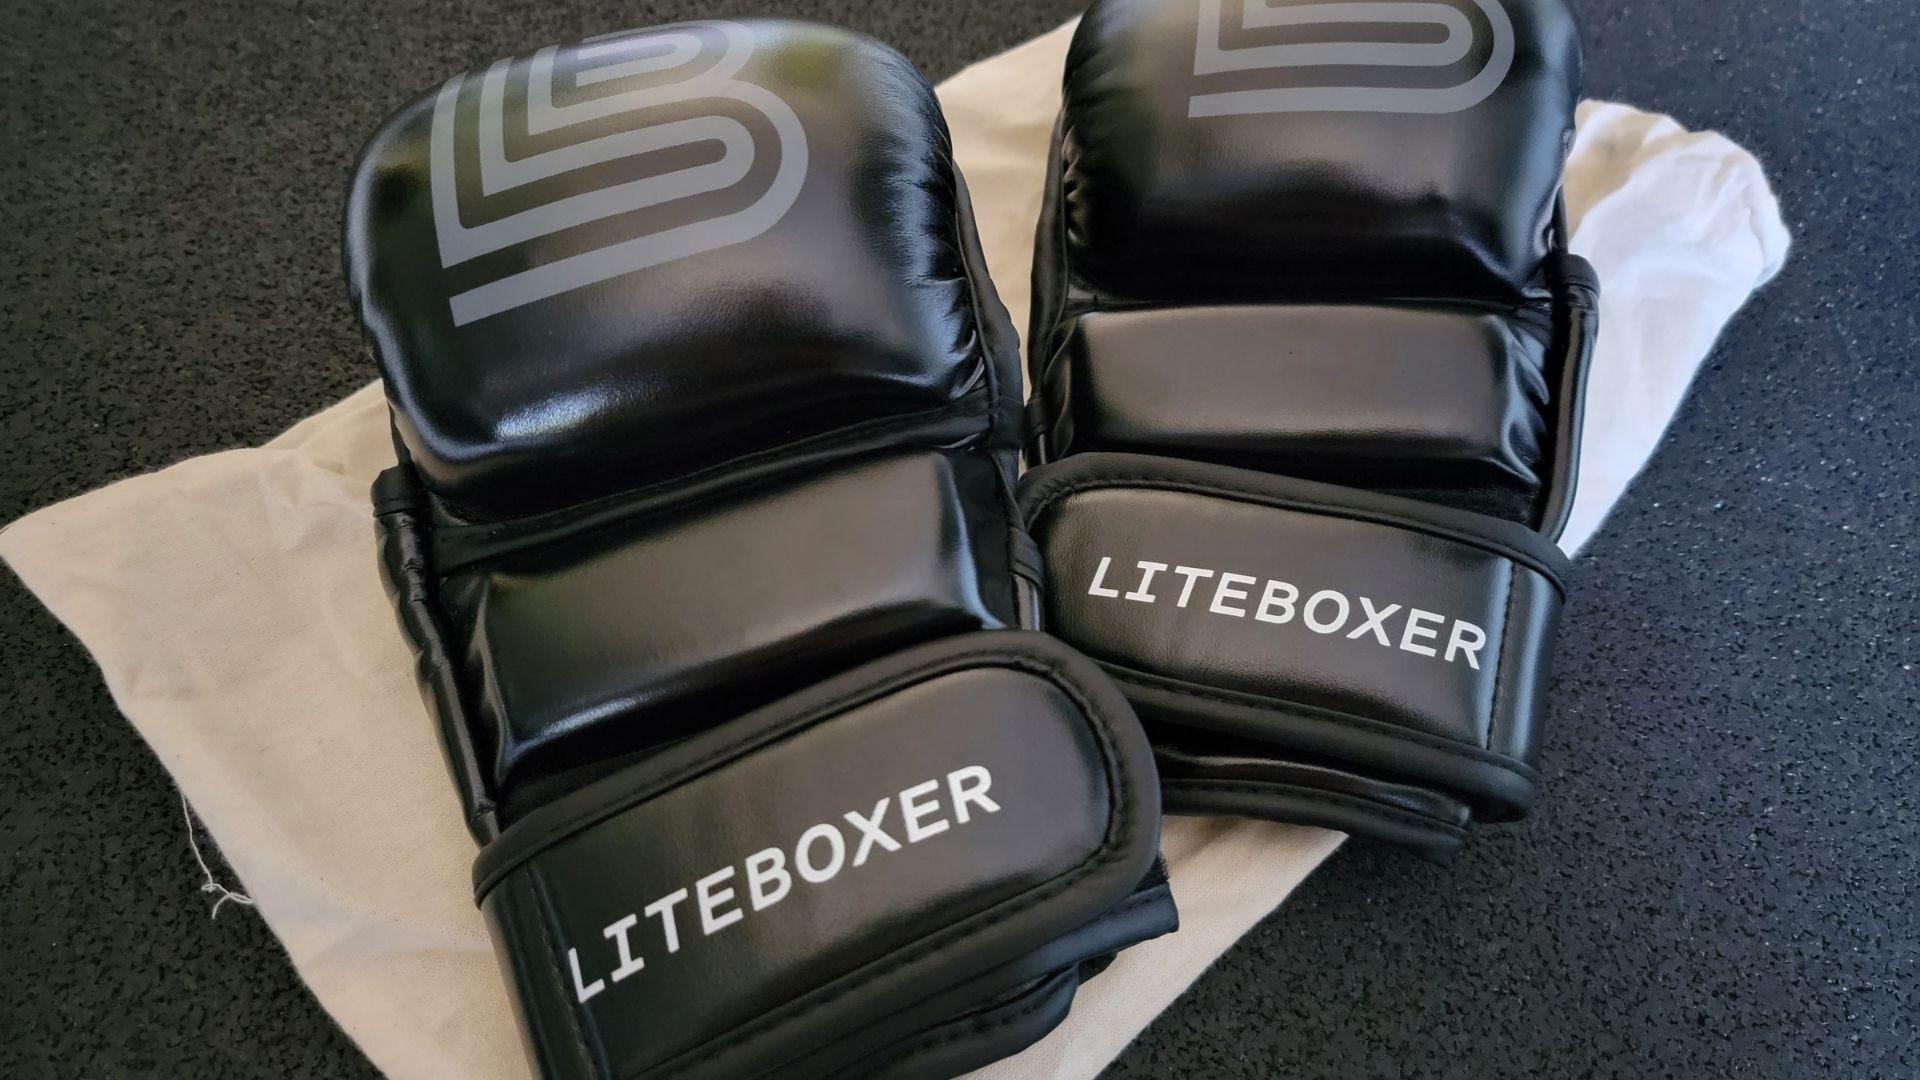 liteboxer gloves